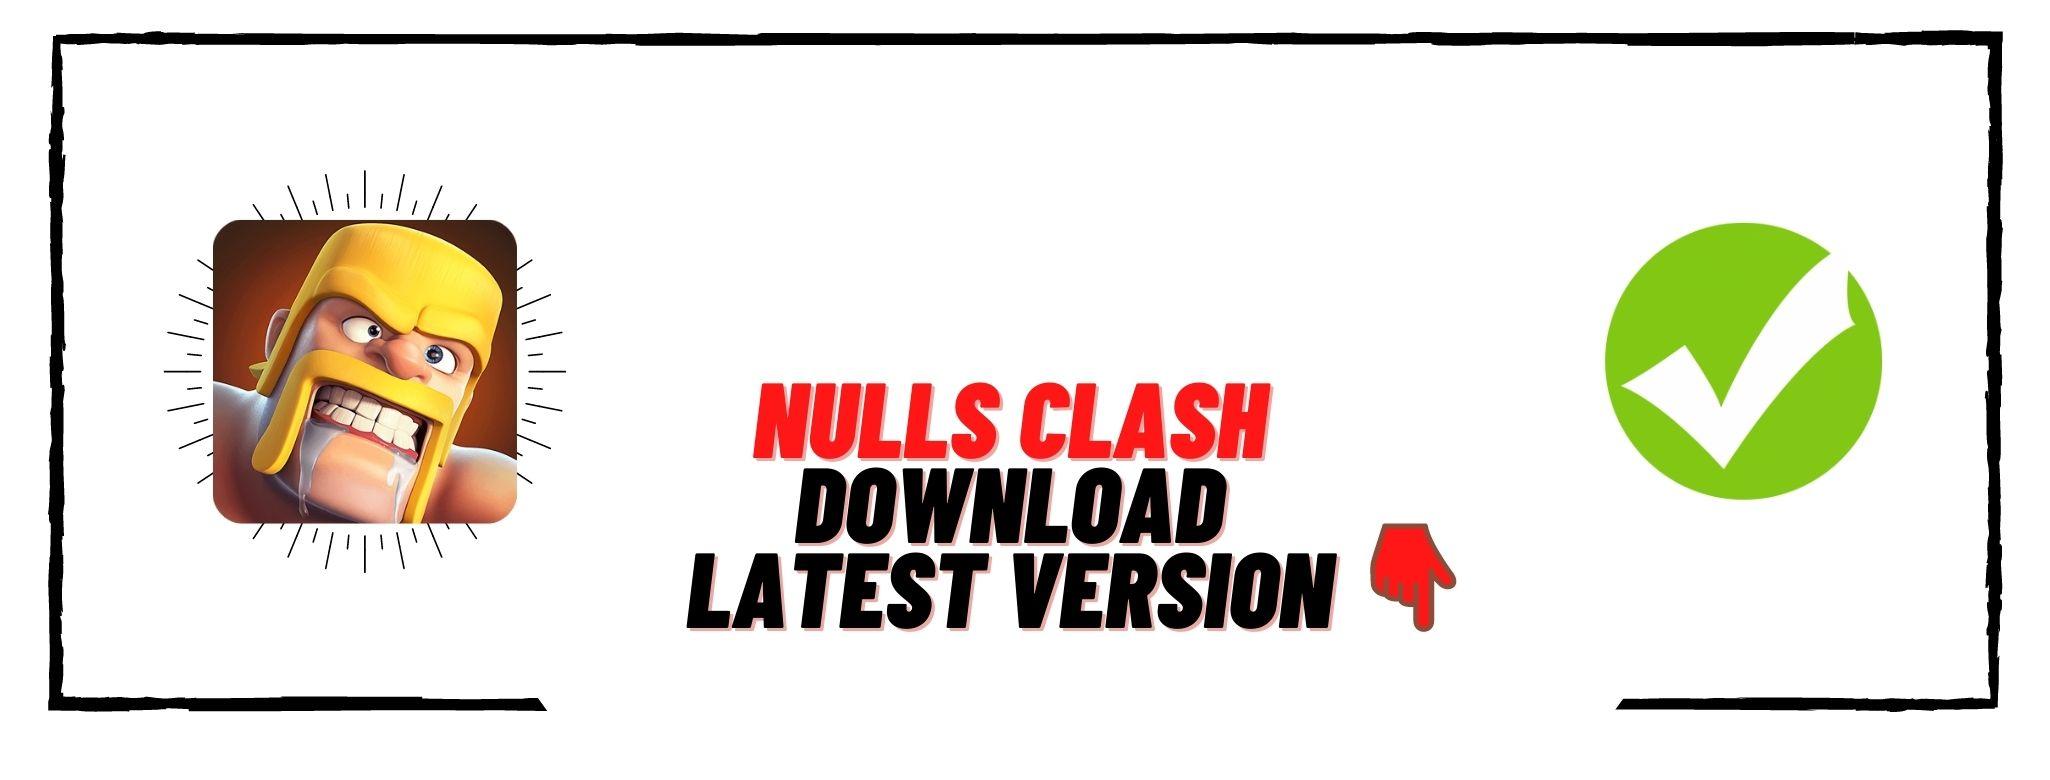 Nulls clash apk